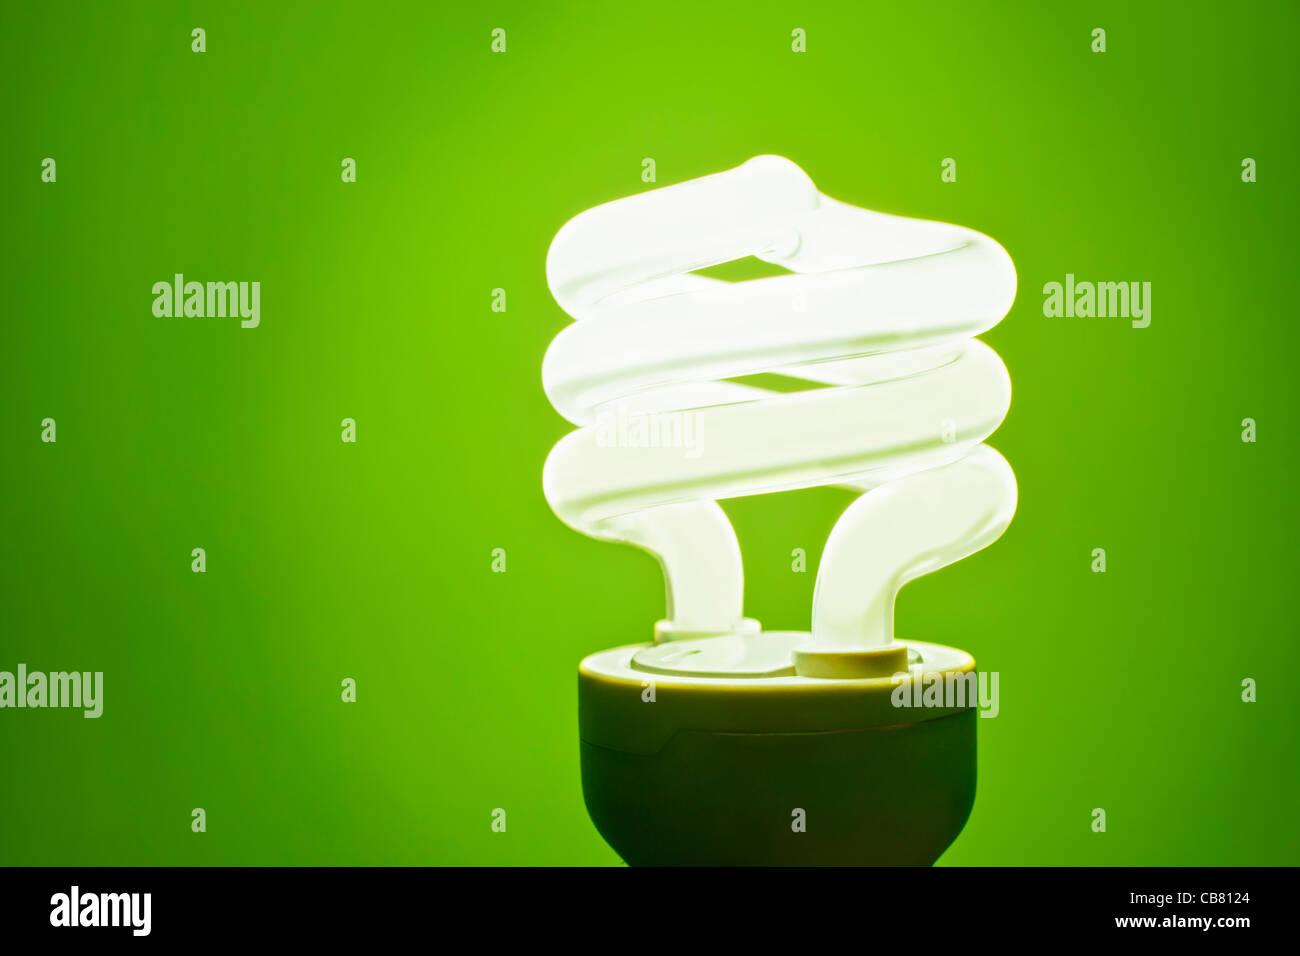 Grüne Glühbirne Stockbild